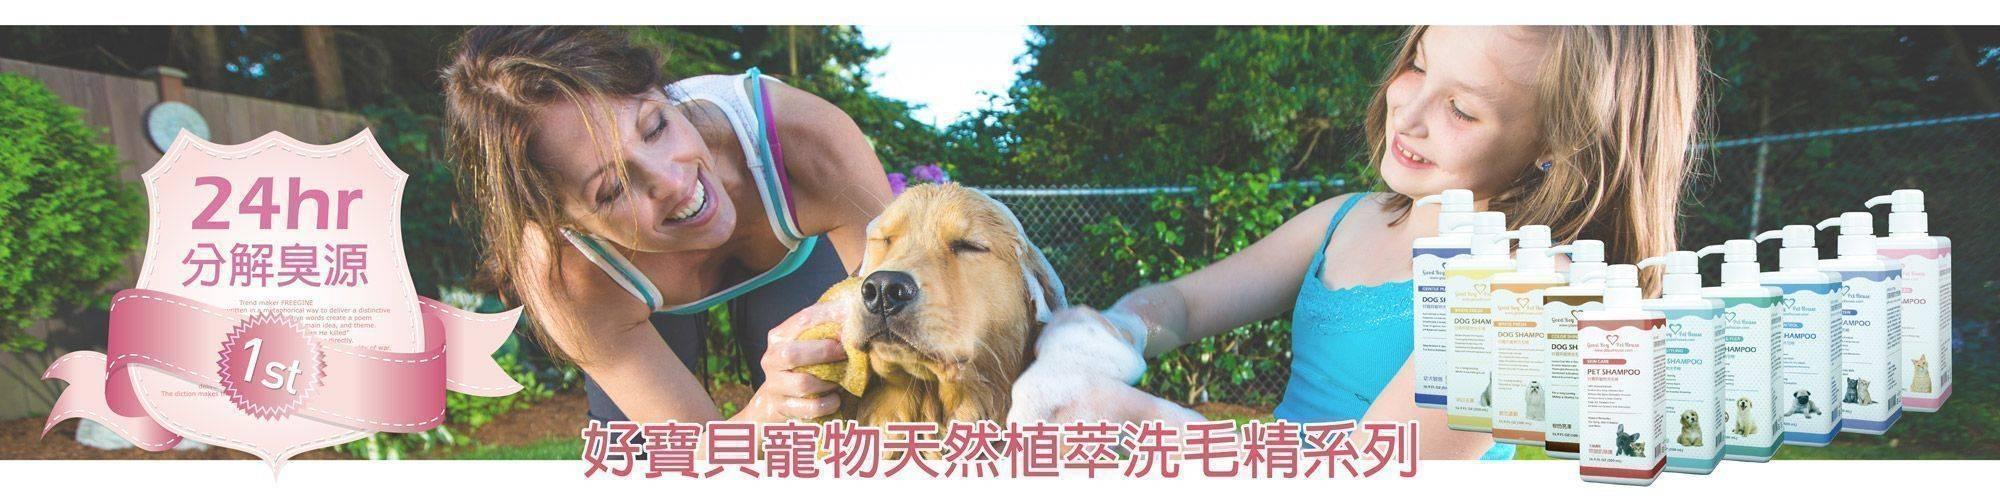 GBPH好寶貝_寵物訓練_天然植萃洗毛精系列01